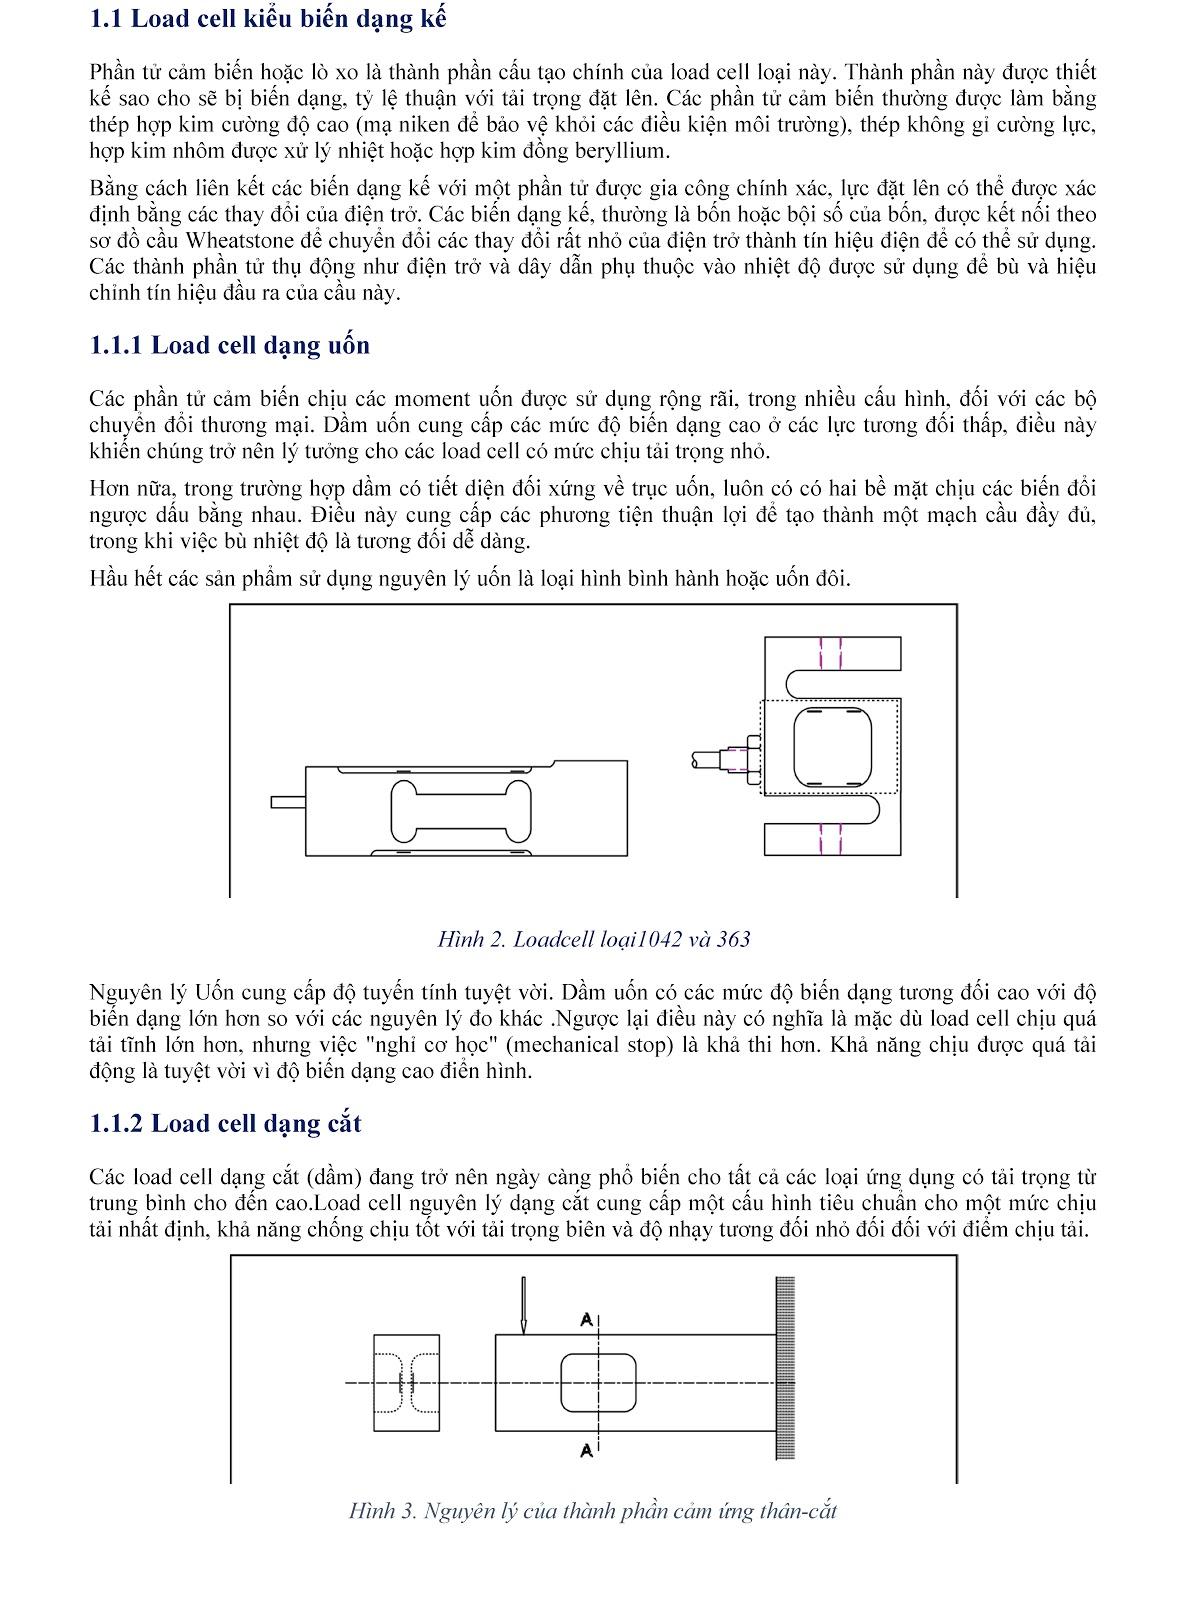 Lưu ý kỹ thuật về Load cell và module cân điện tử (tt) 2